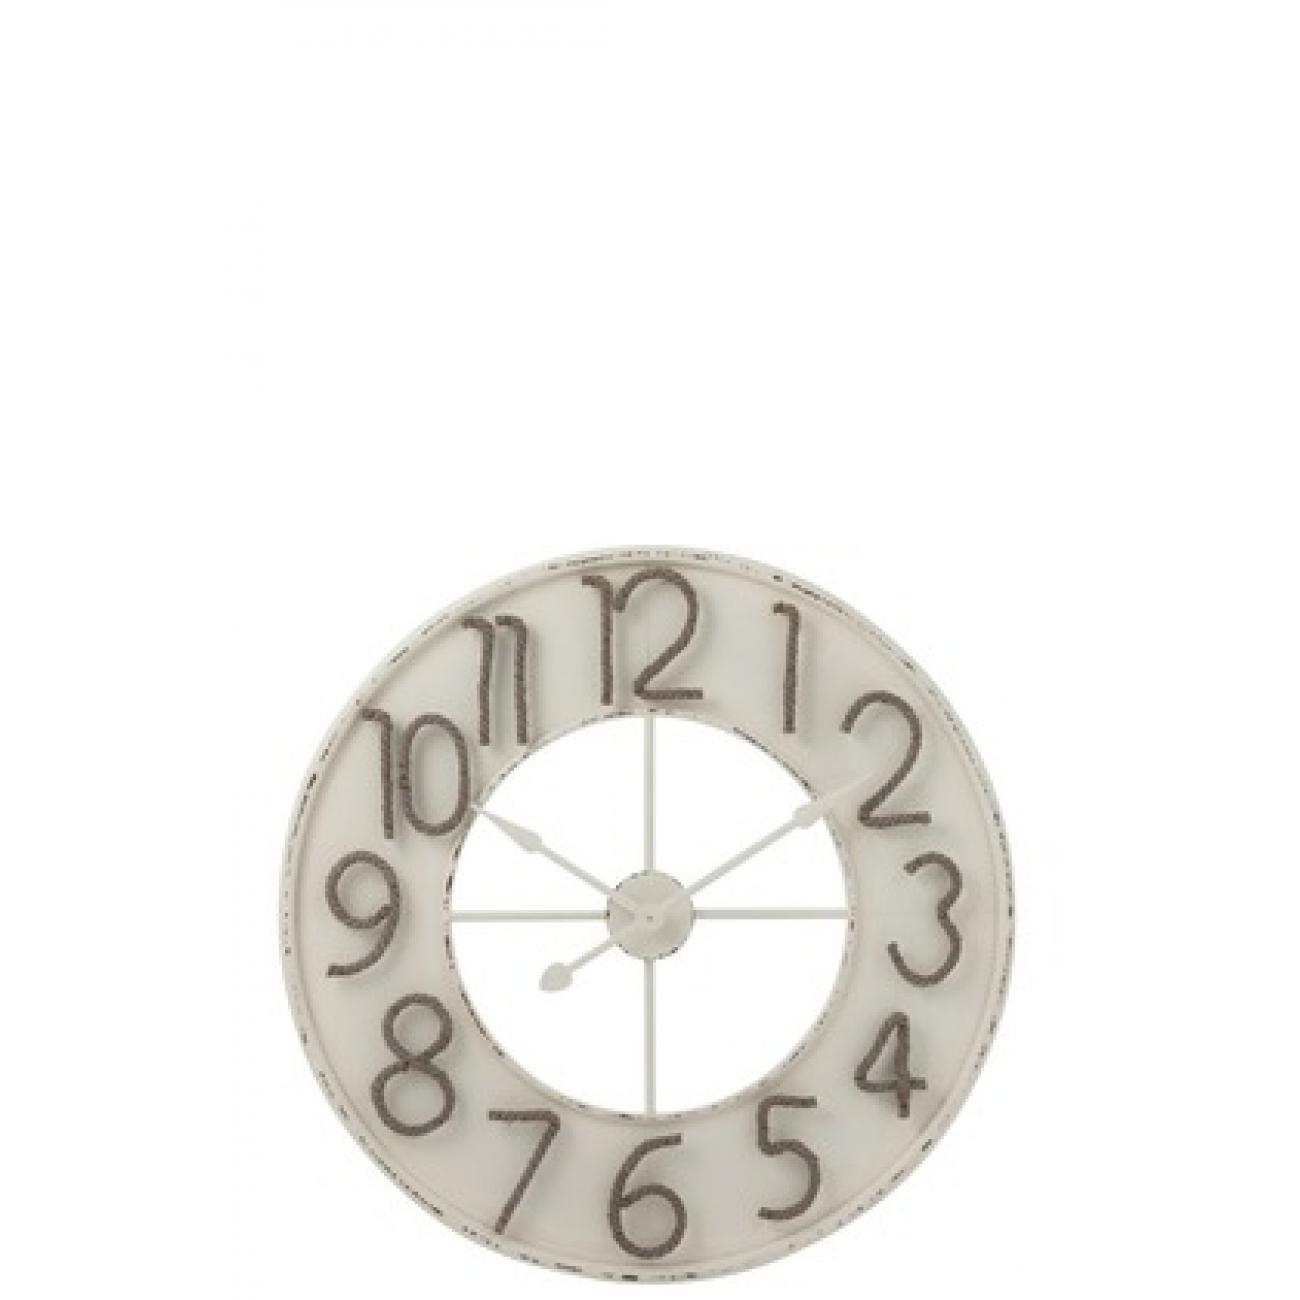 Настенные часы J-LINE белые круглые в металлическом корпусе с цифрами из тонкого каната диаметр 91 см